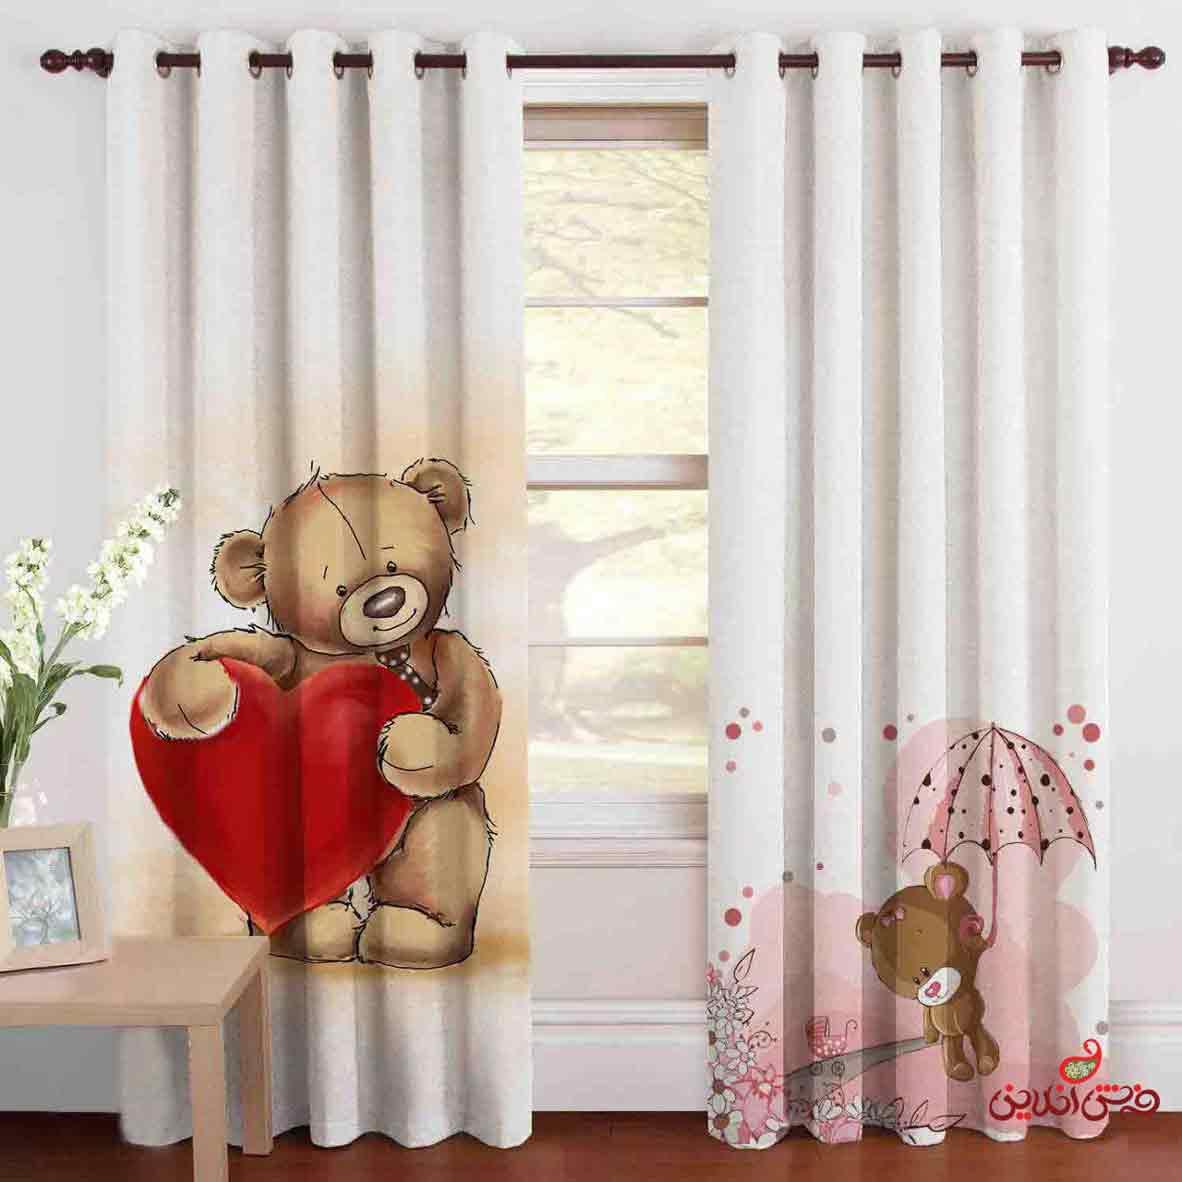 پرده 2عددی کودک طرح خرس قهوه ای و قلب قرمز کد 2099